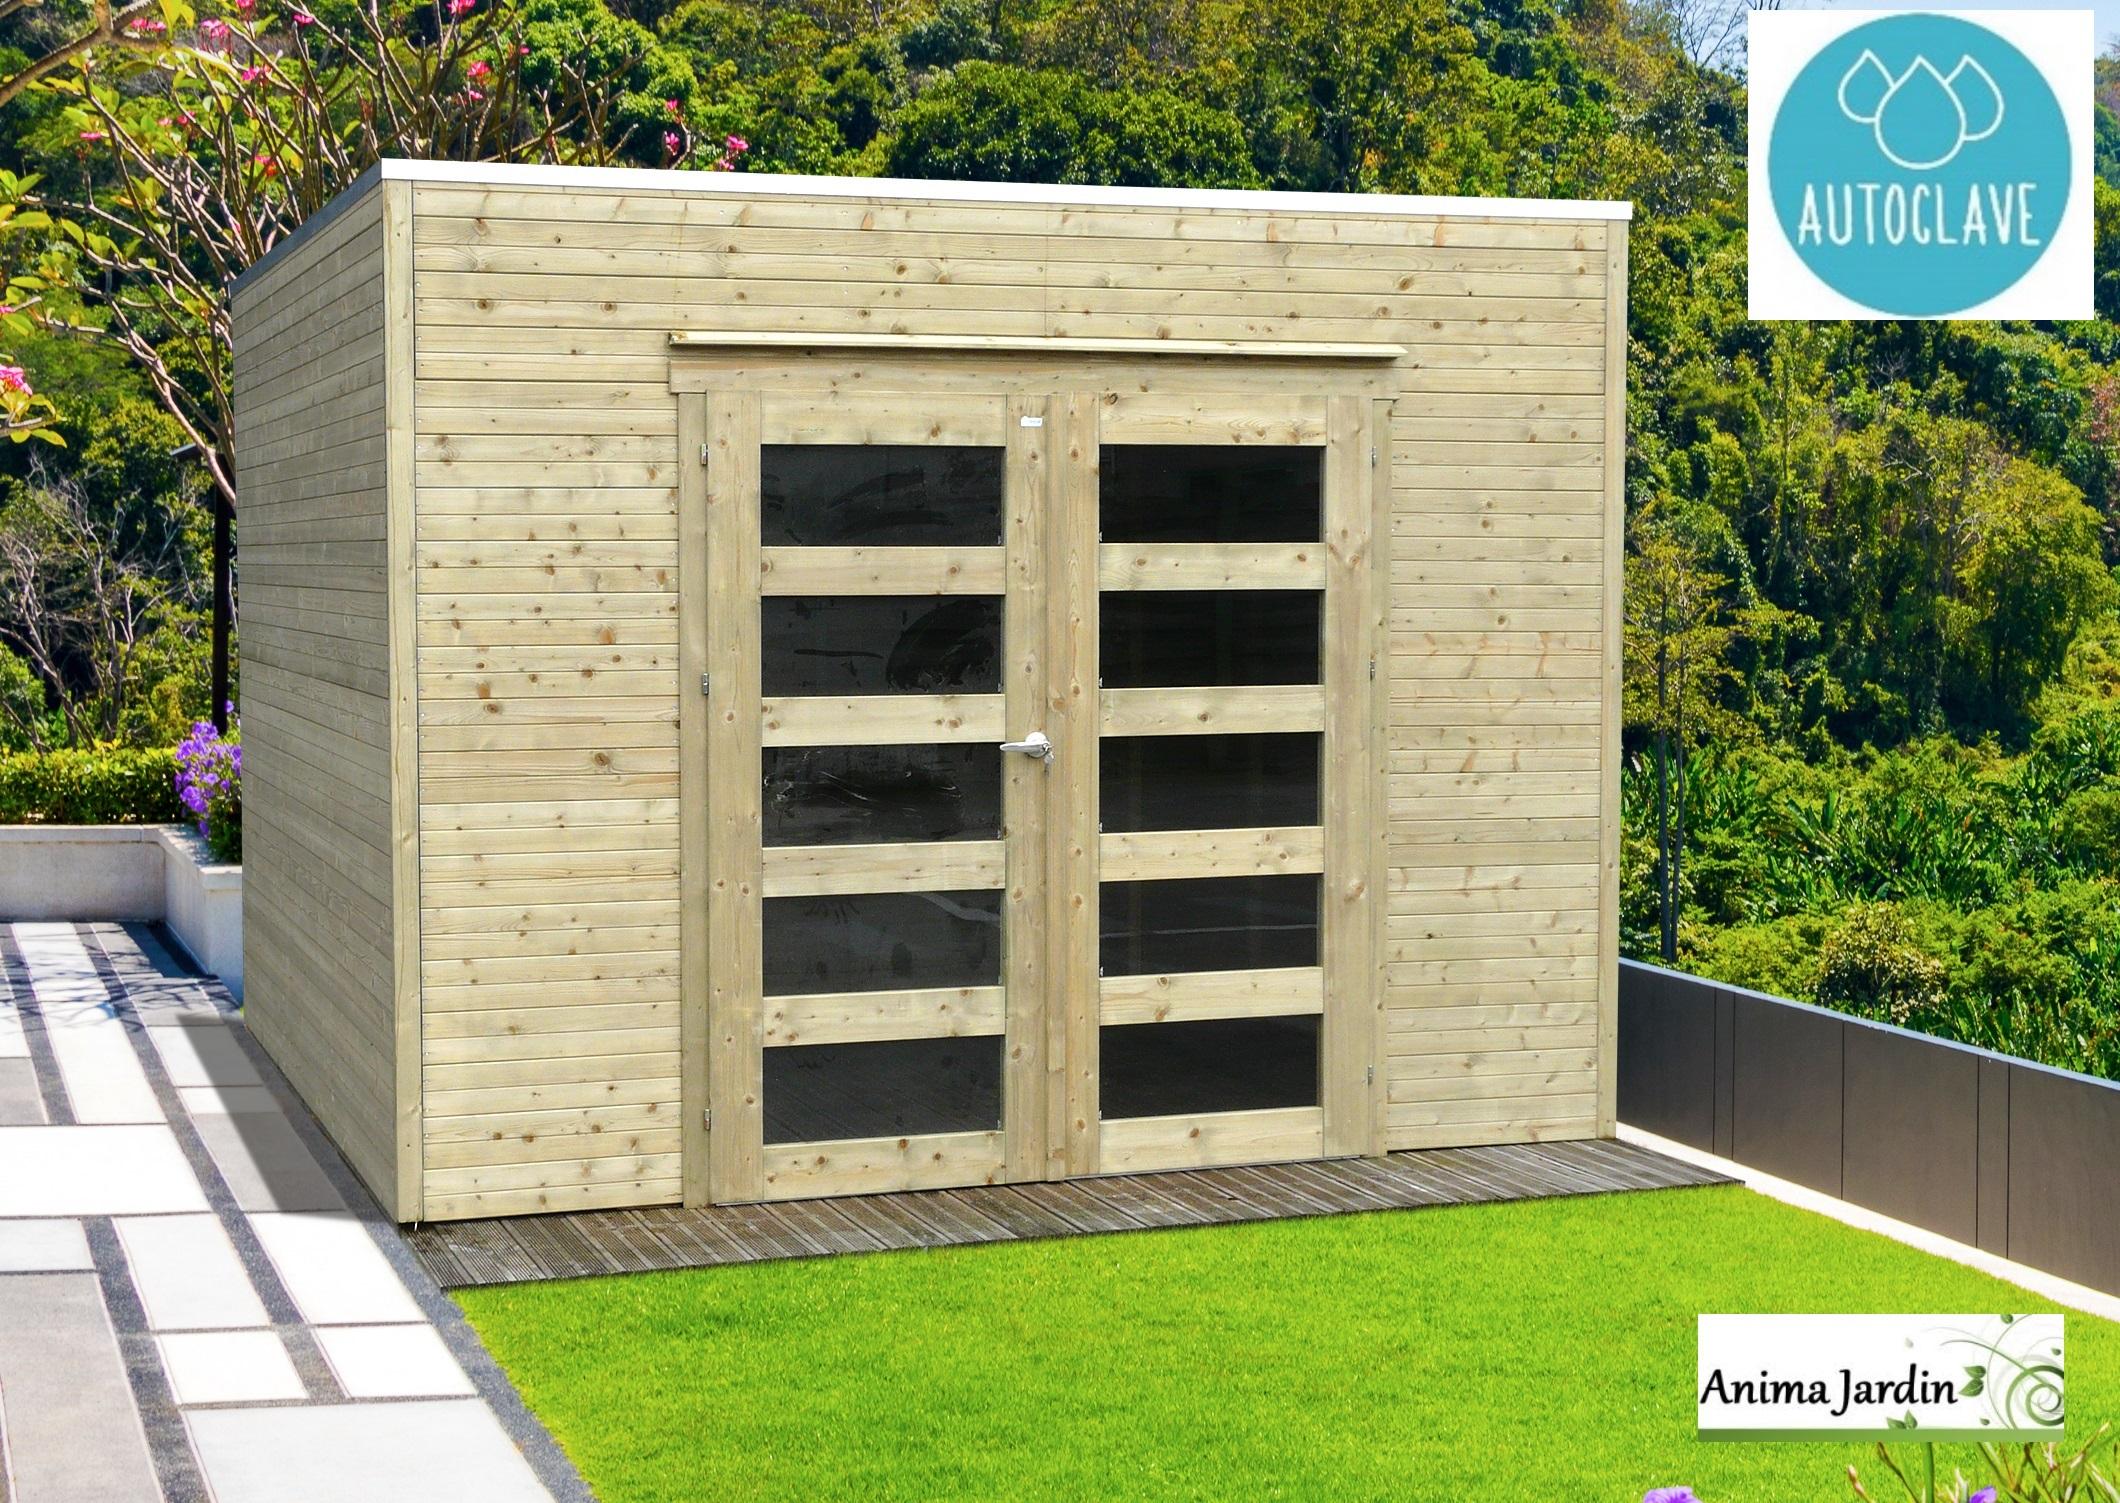 Abri De Jardin En Bois Autoclave 19Mm, Bari, 8M², Toit Plat ... pour Abris De Jardin Pas Cher